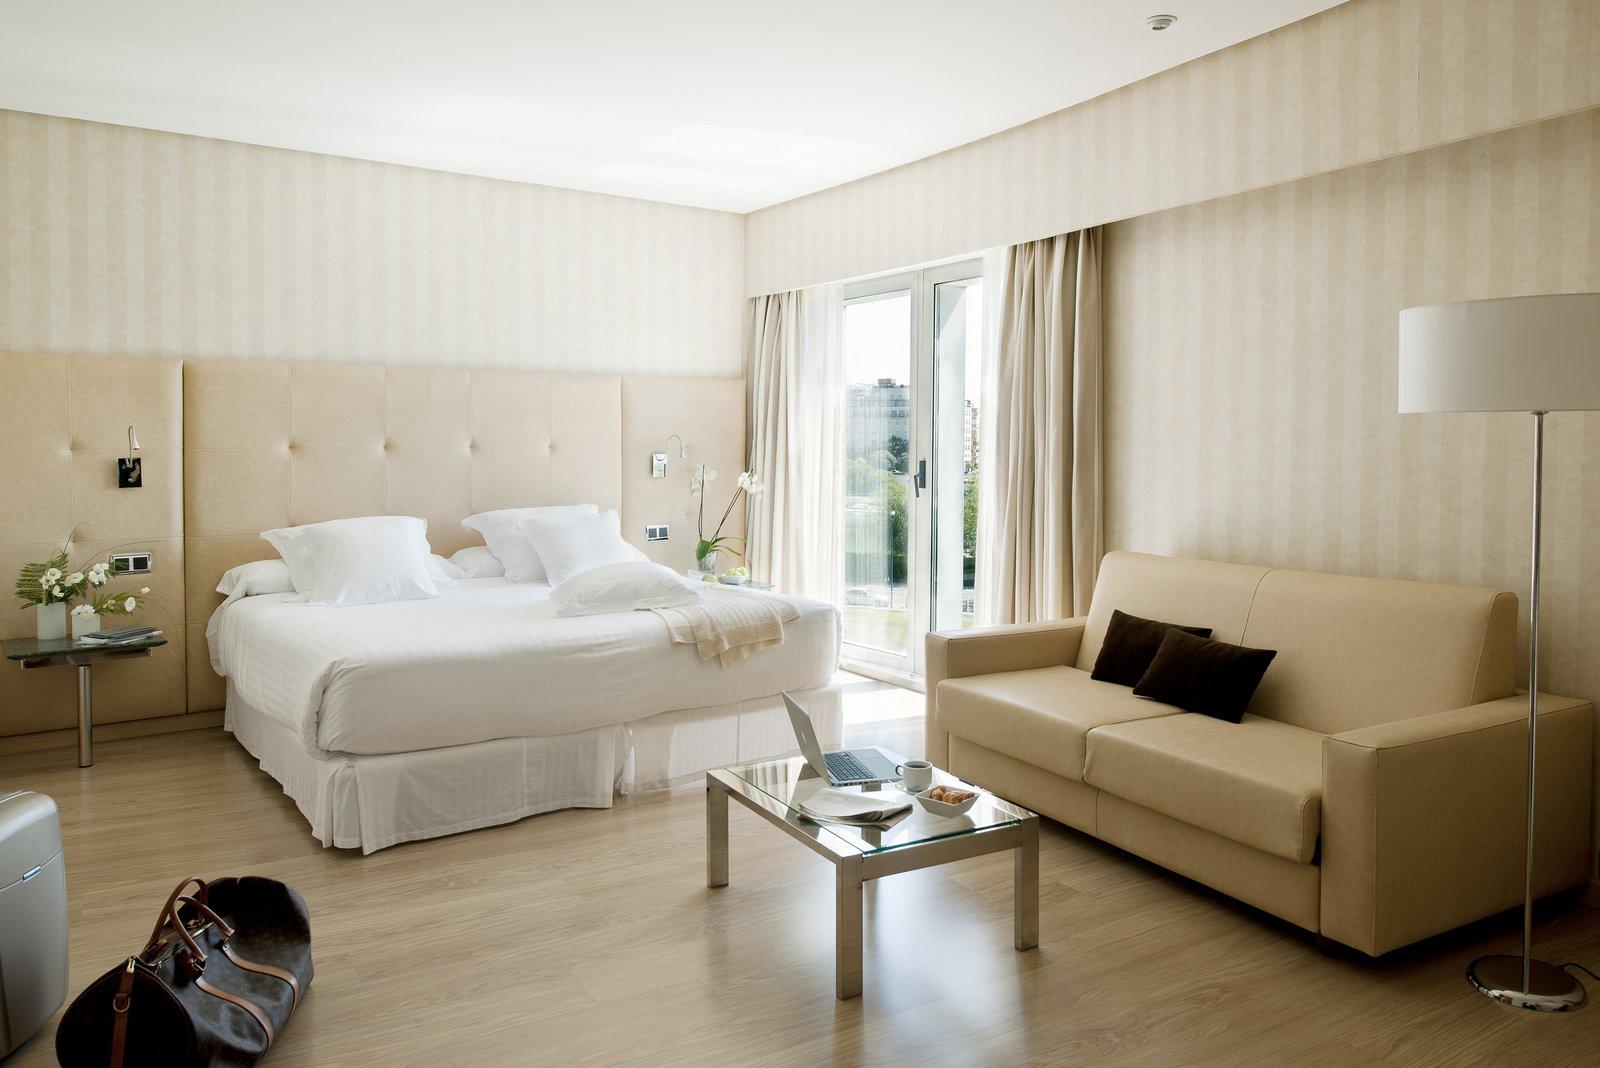 habitacion-suite-hotel-sevilla-renacimiento 6